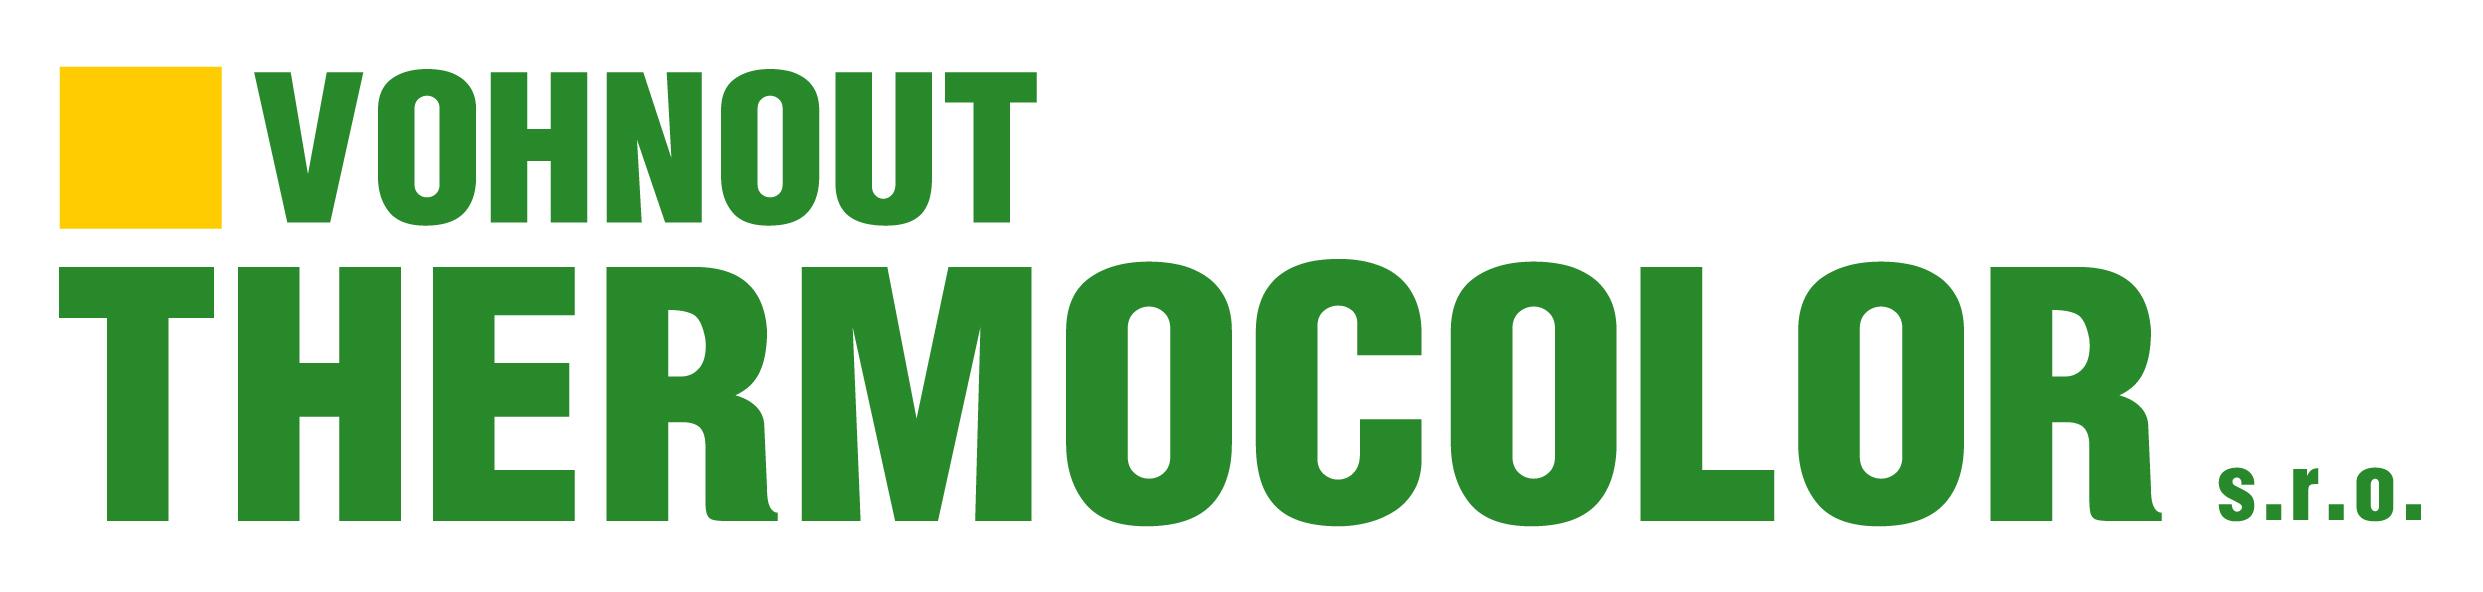 Vohnout Thermocolor